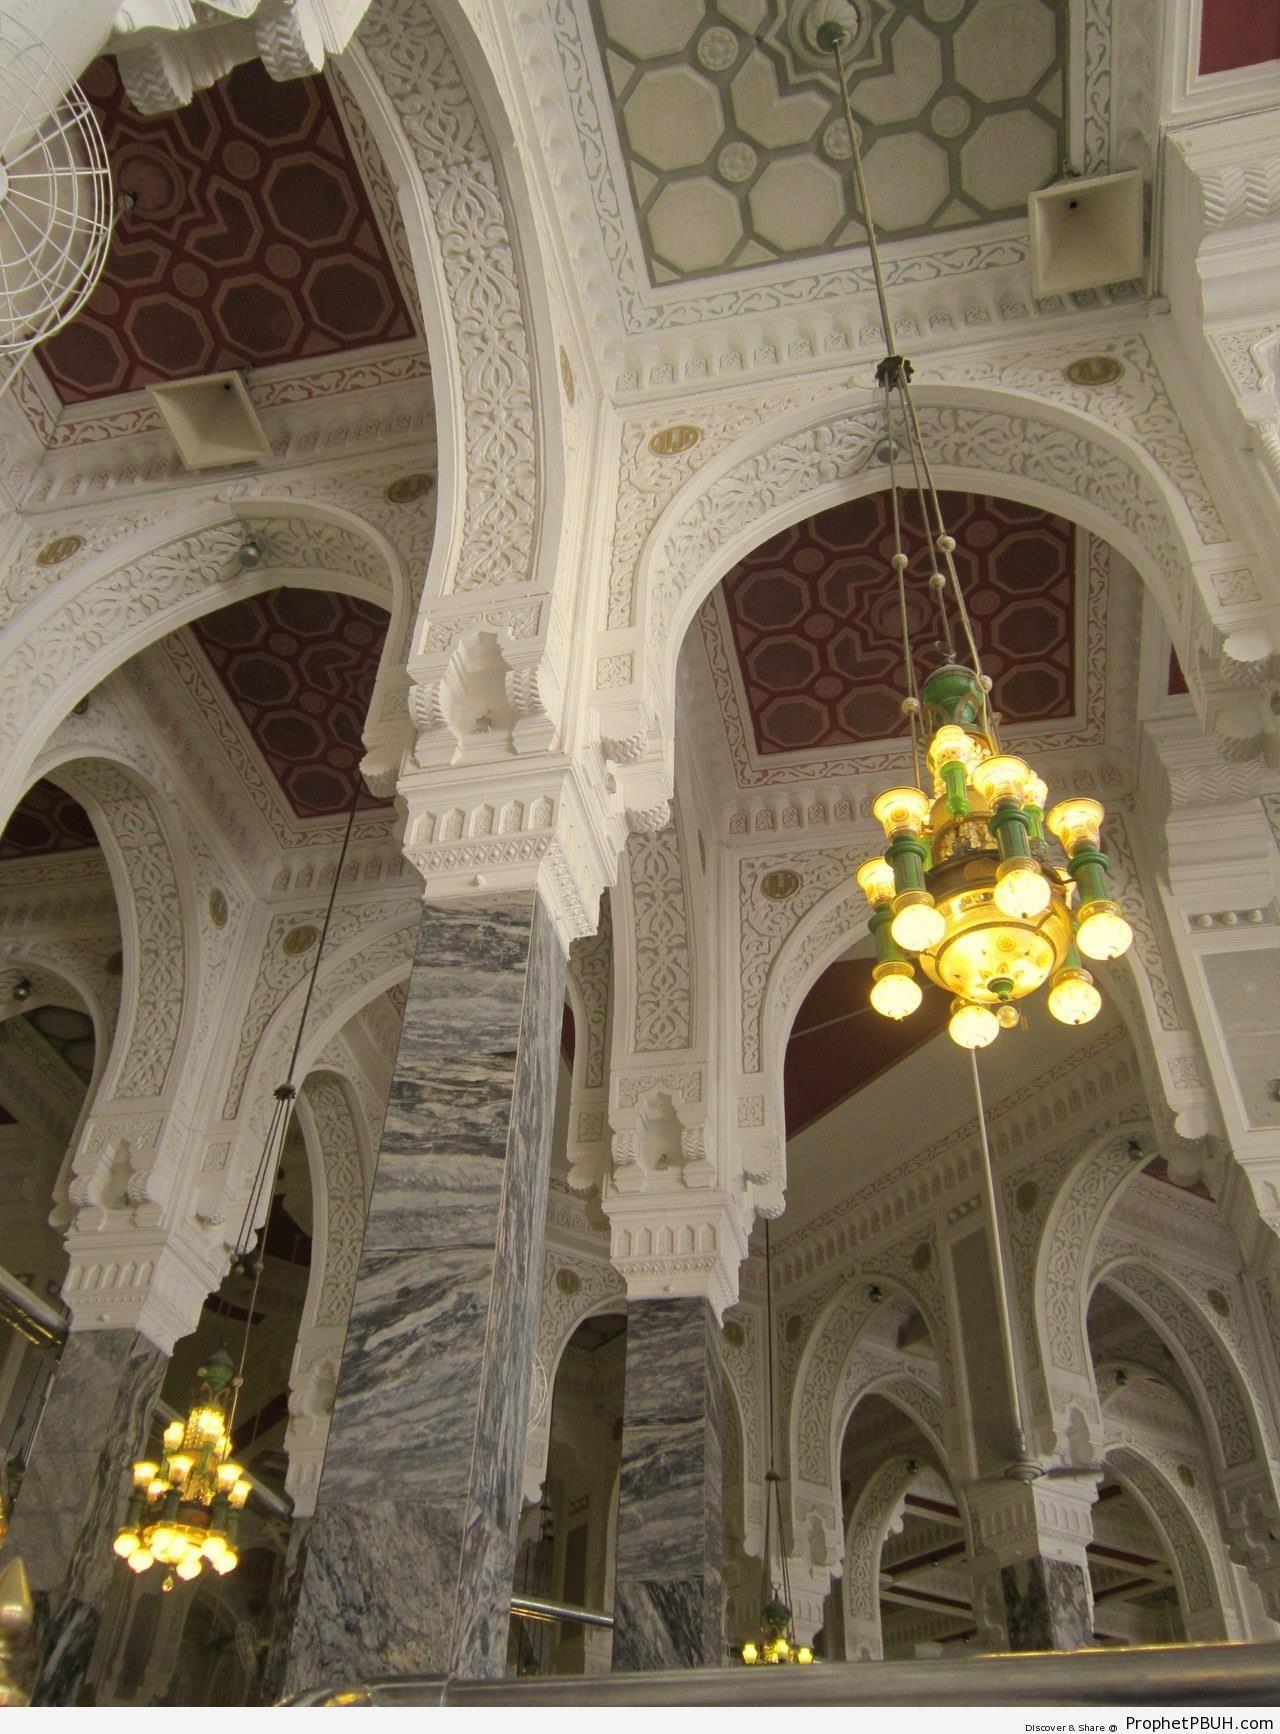 Masjid al-Haram Interior (Makkah, Saudi Arabia) - al-Masjid al-Haram in Makkah, Saudi Arabia -Picture